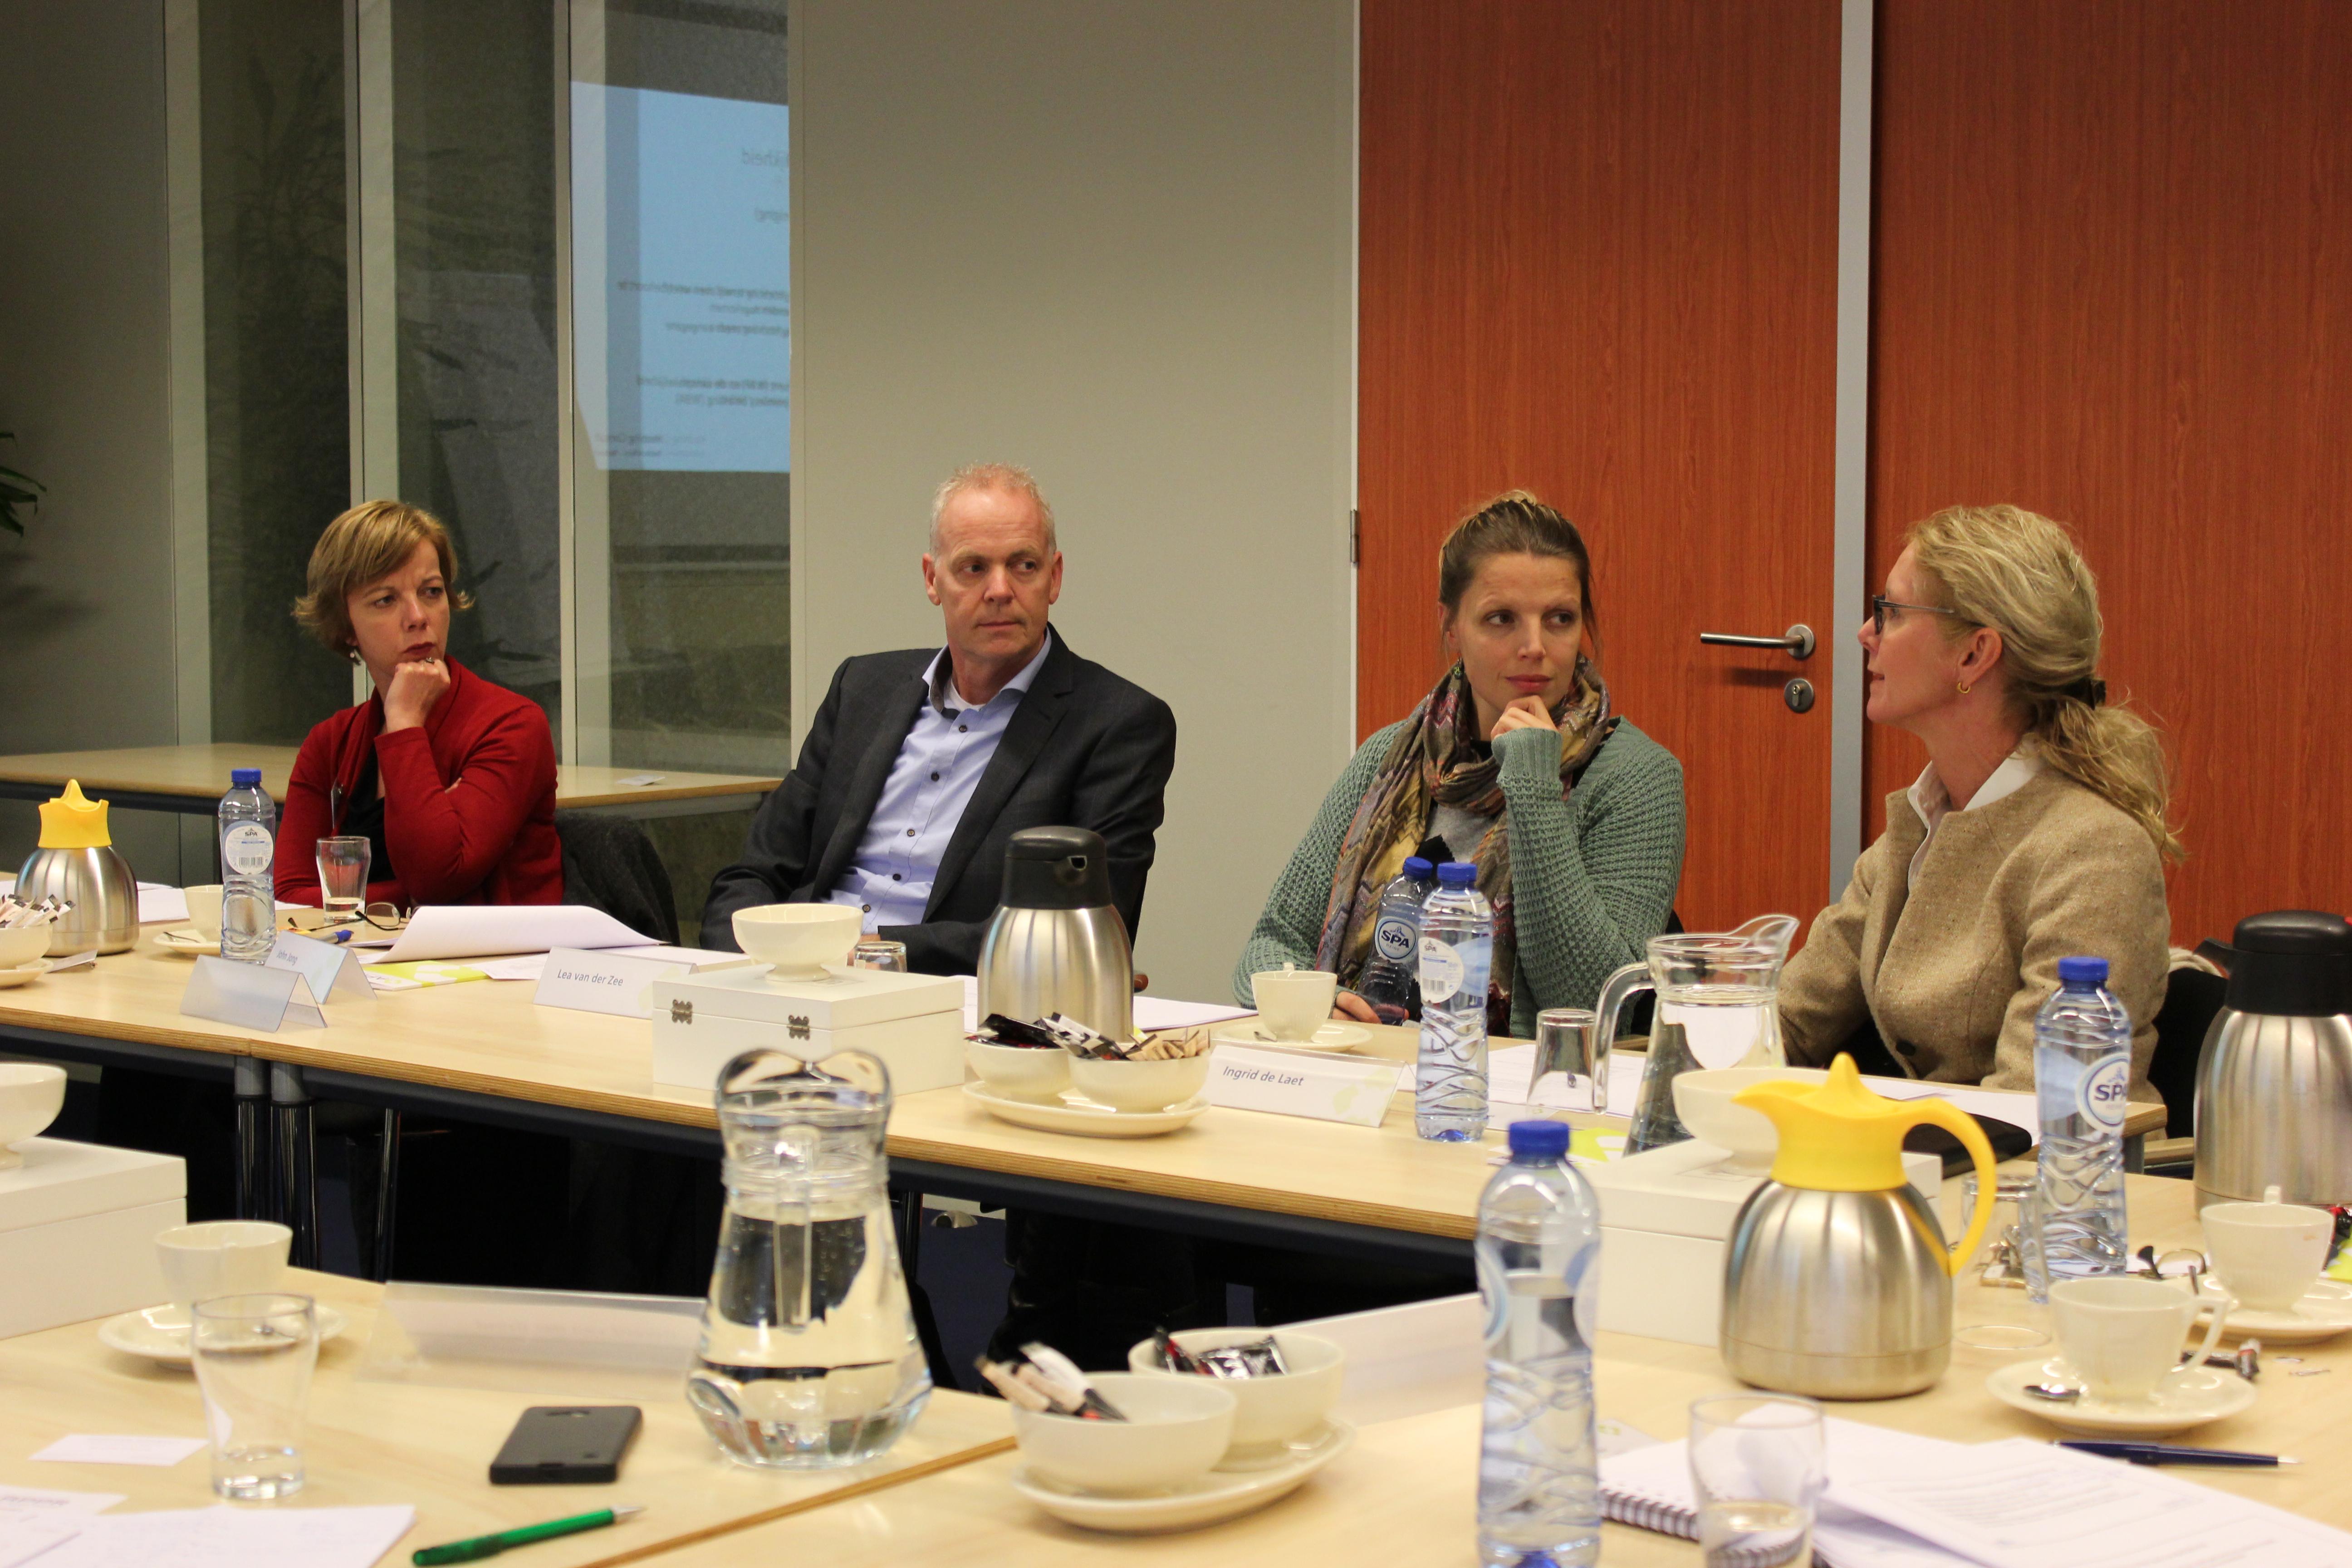 interactie basiscursus besturen verenigingsbestuurders beroepsverenigingen brancheorganisaties